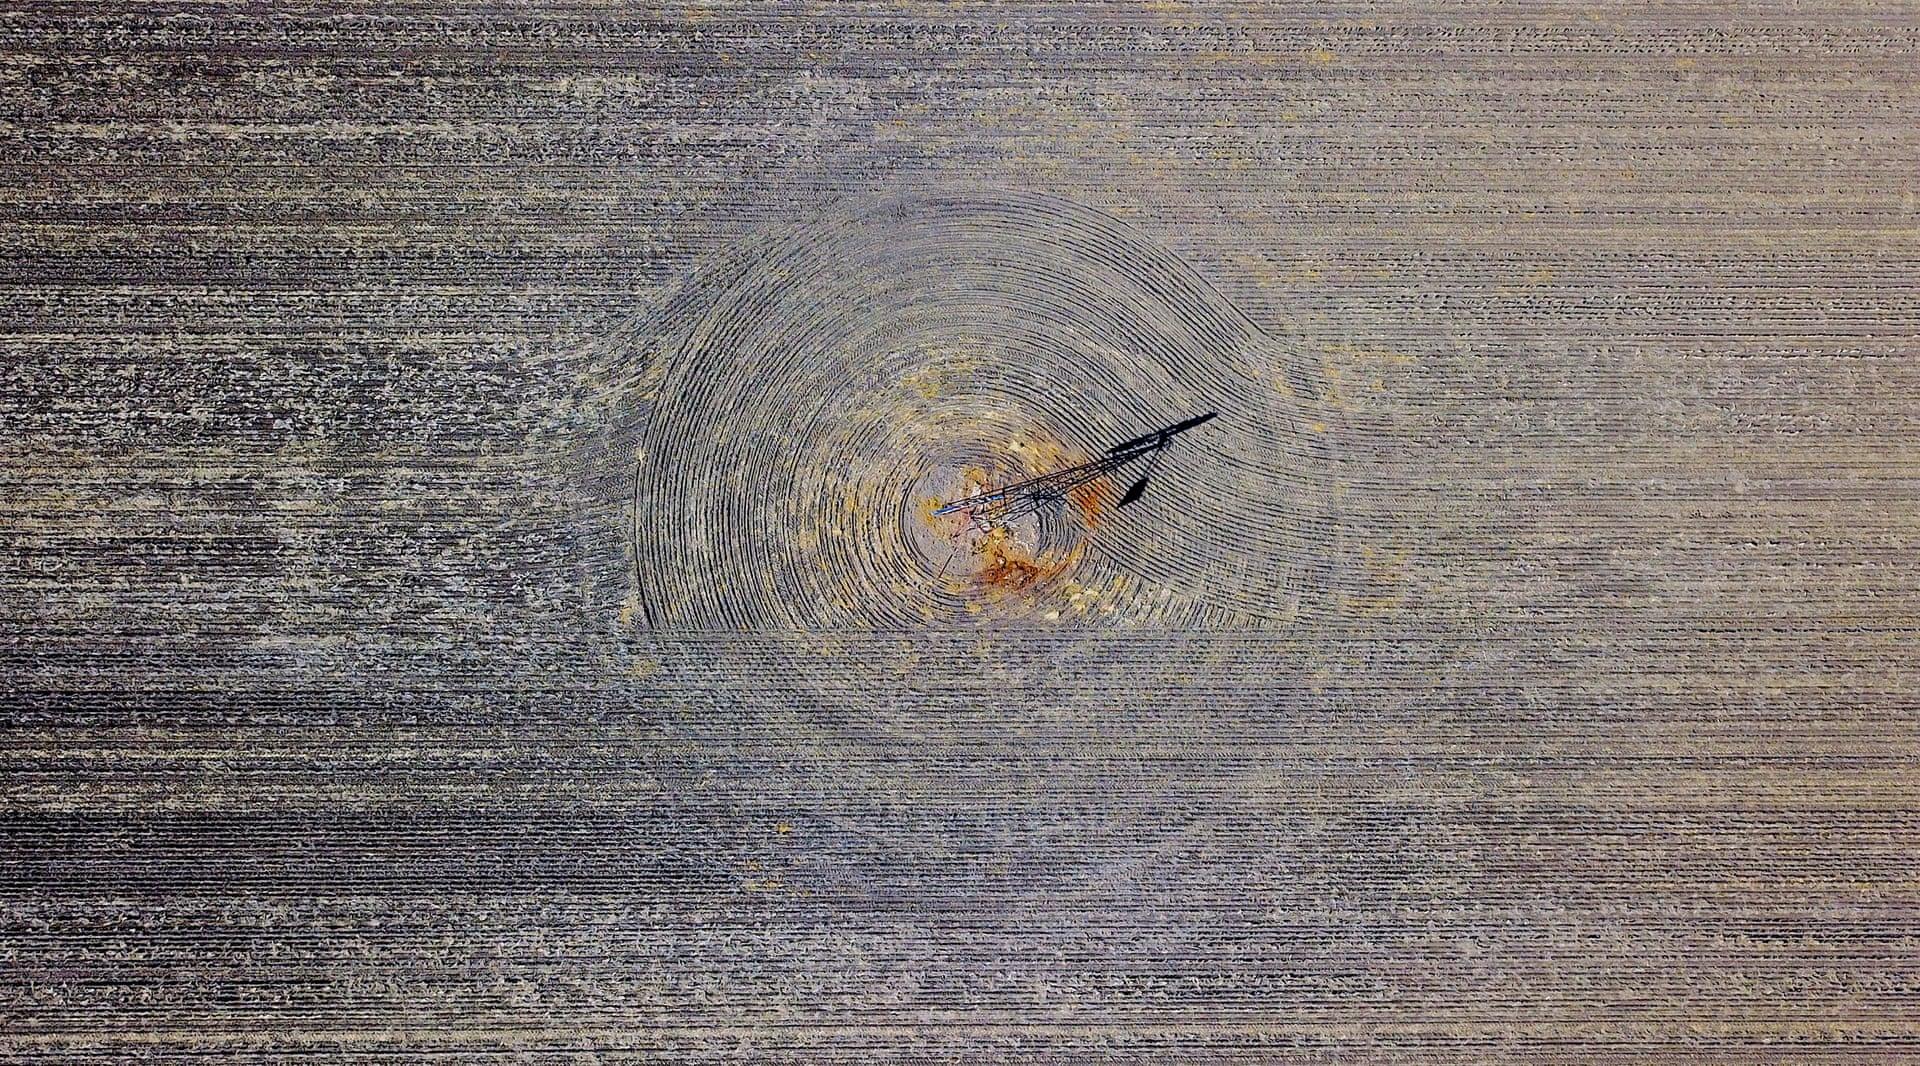 Фото дня: засуха в Австралии с высоты птичьего полета Фото дня: засуха в Австралии с высоты птичьего полета 3500 20 12